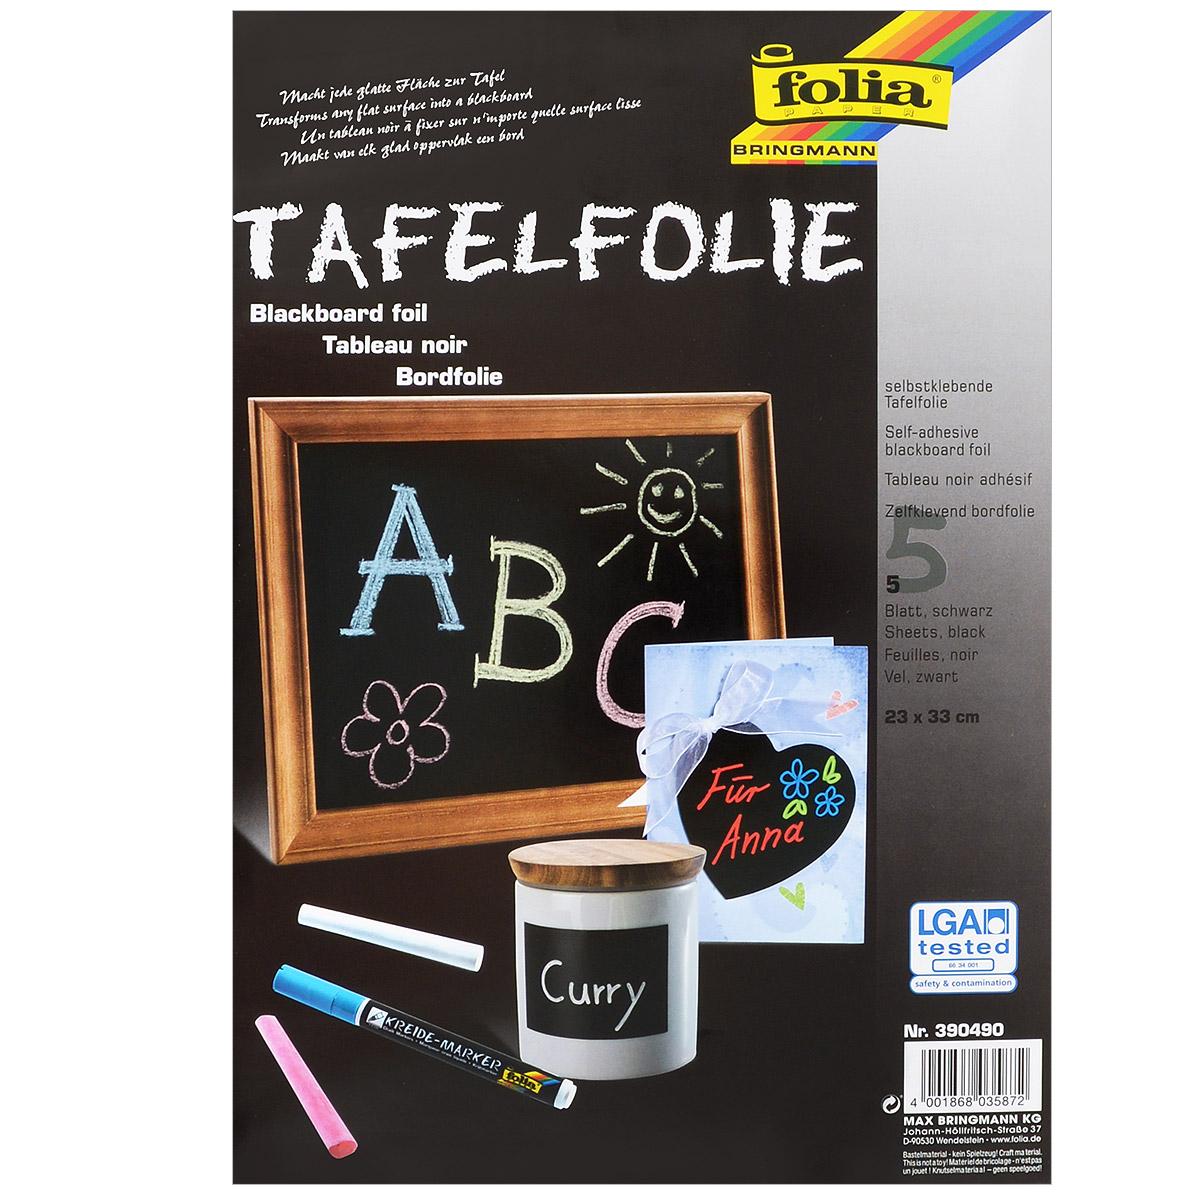 Листы самоклеющиеся Folia, с эффектом доски для мела, цвет: черный, 23 х 33 см, 5 шт